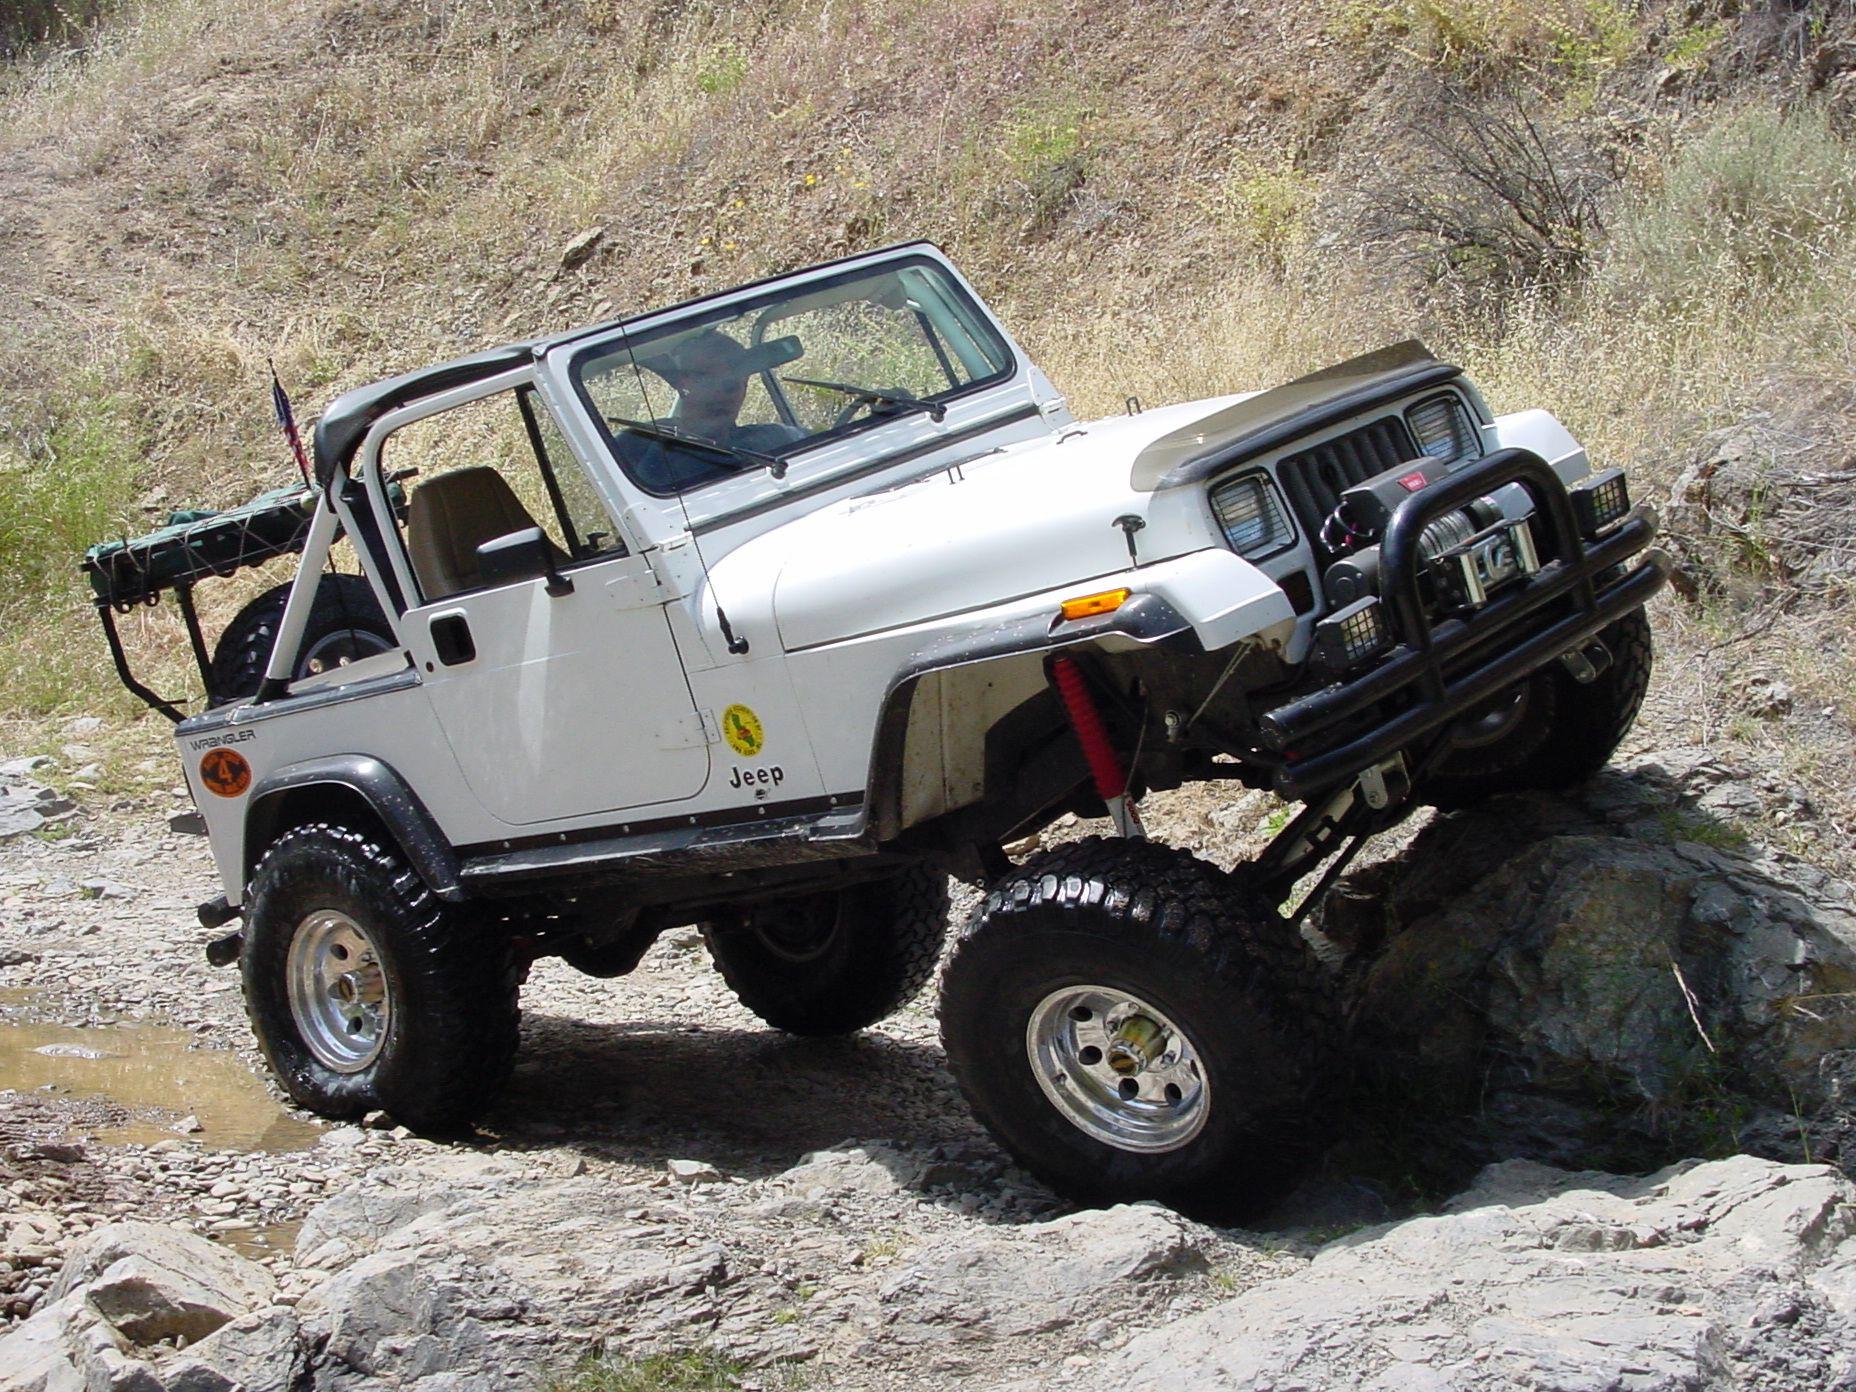 Jeep Wrangler Yj Body Lifts Jeep Wrangler Yj Jeep Yj Jeep Wrangler